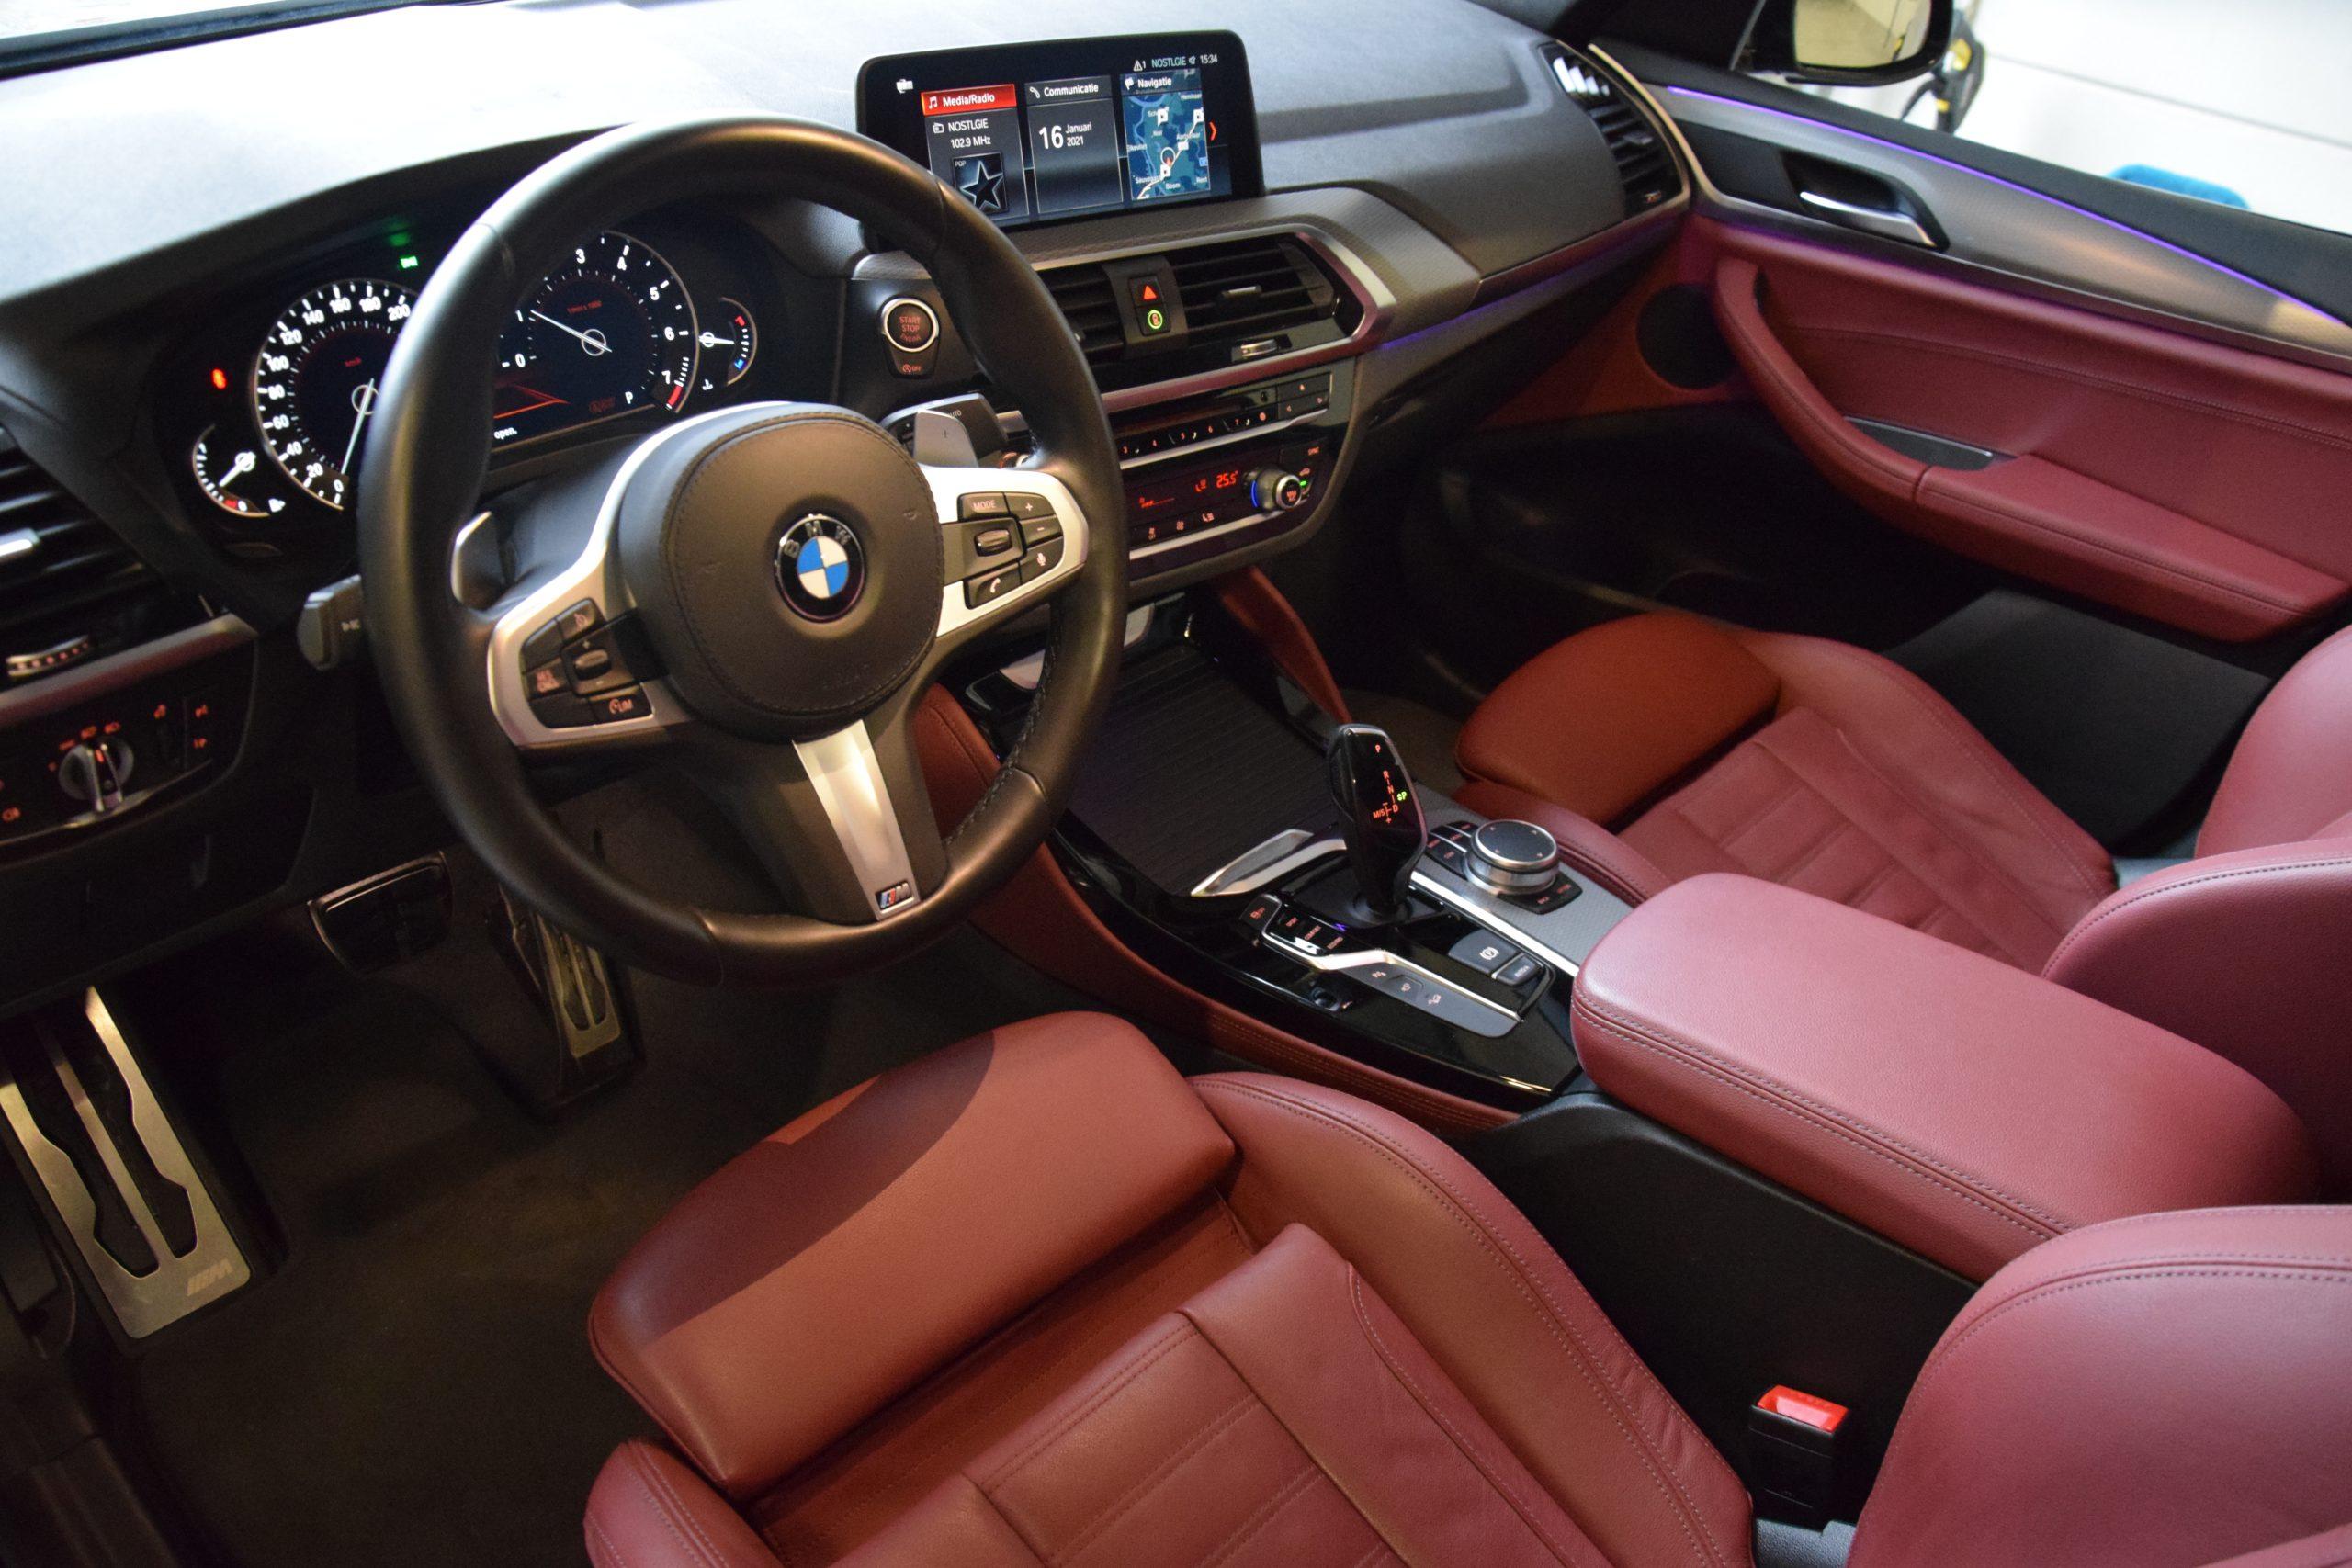 BMW X4 2.0 iA xDrive20 M-Sportpakket 03/2019 Full Option!!